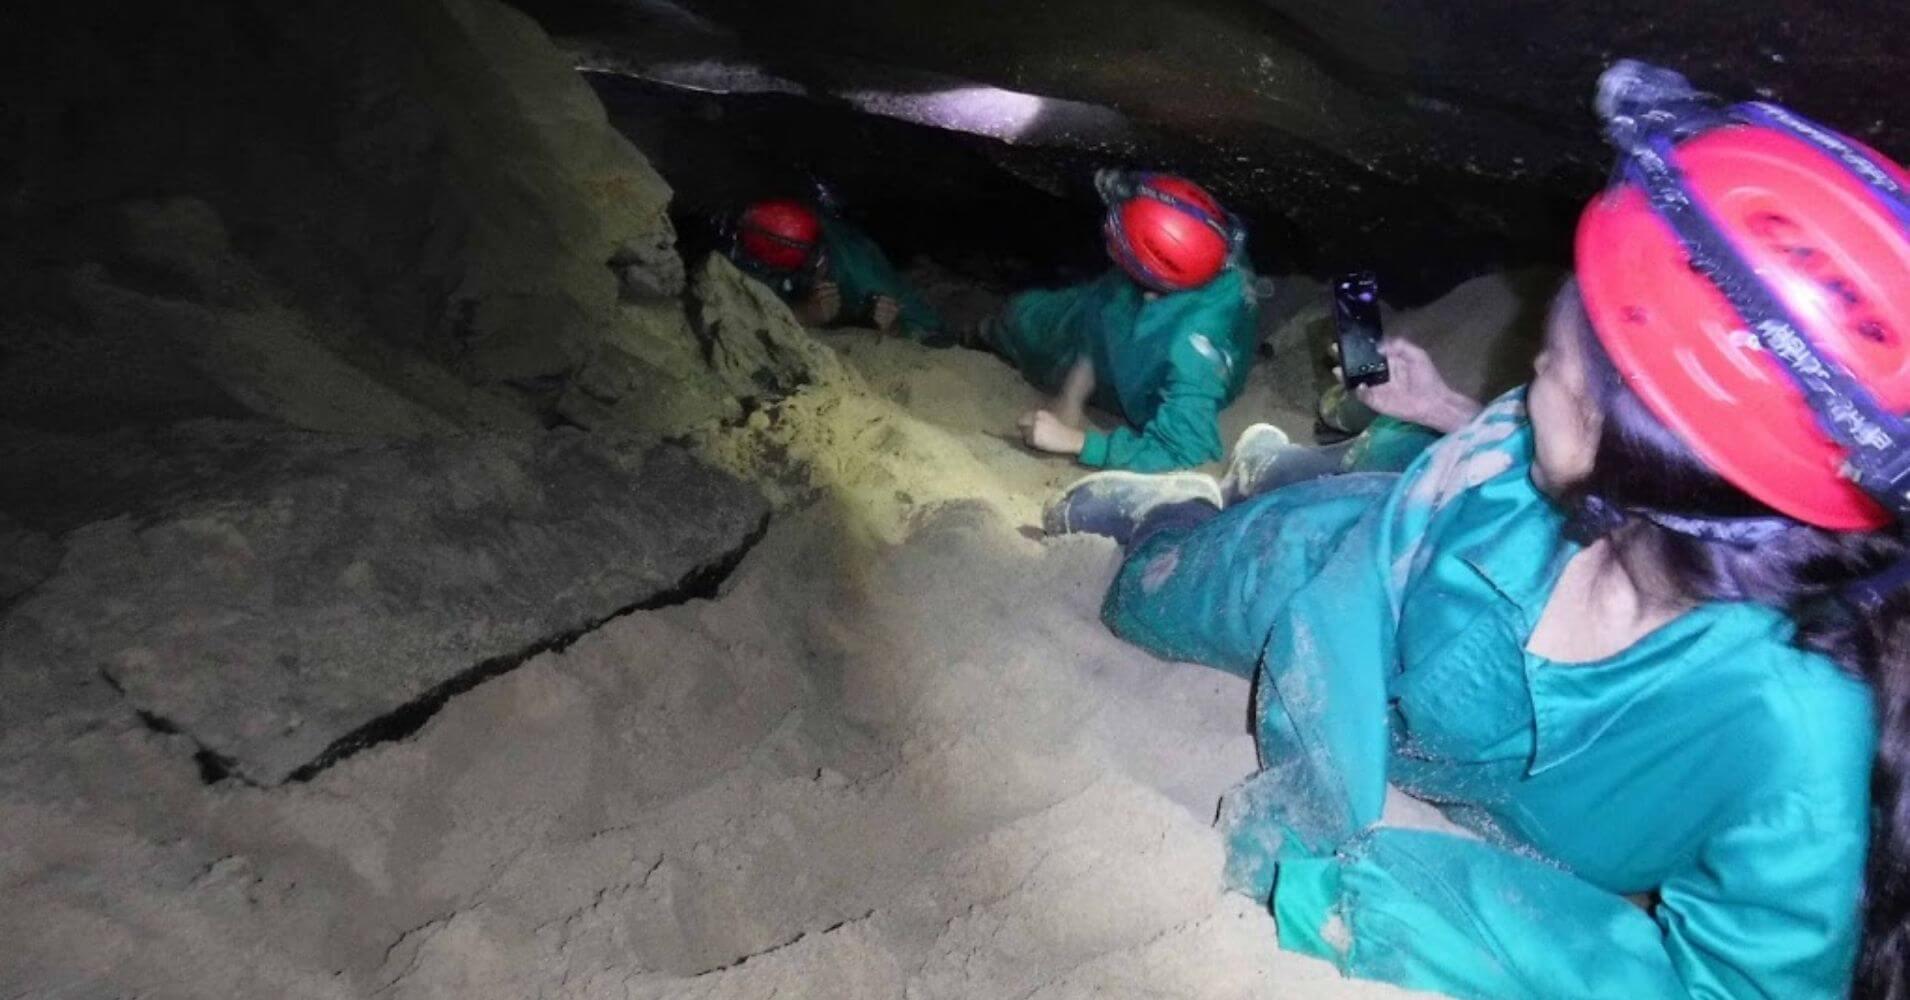 Espeleología en Cueva del Tío Manolo. Uña, Serranía de Cuenca. Castilla la Mancha, España.